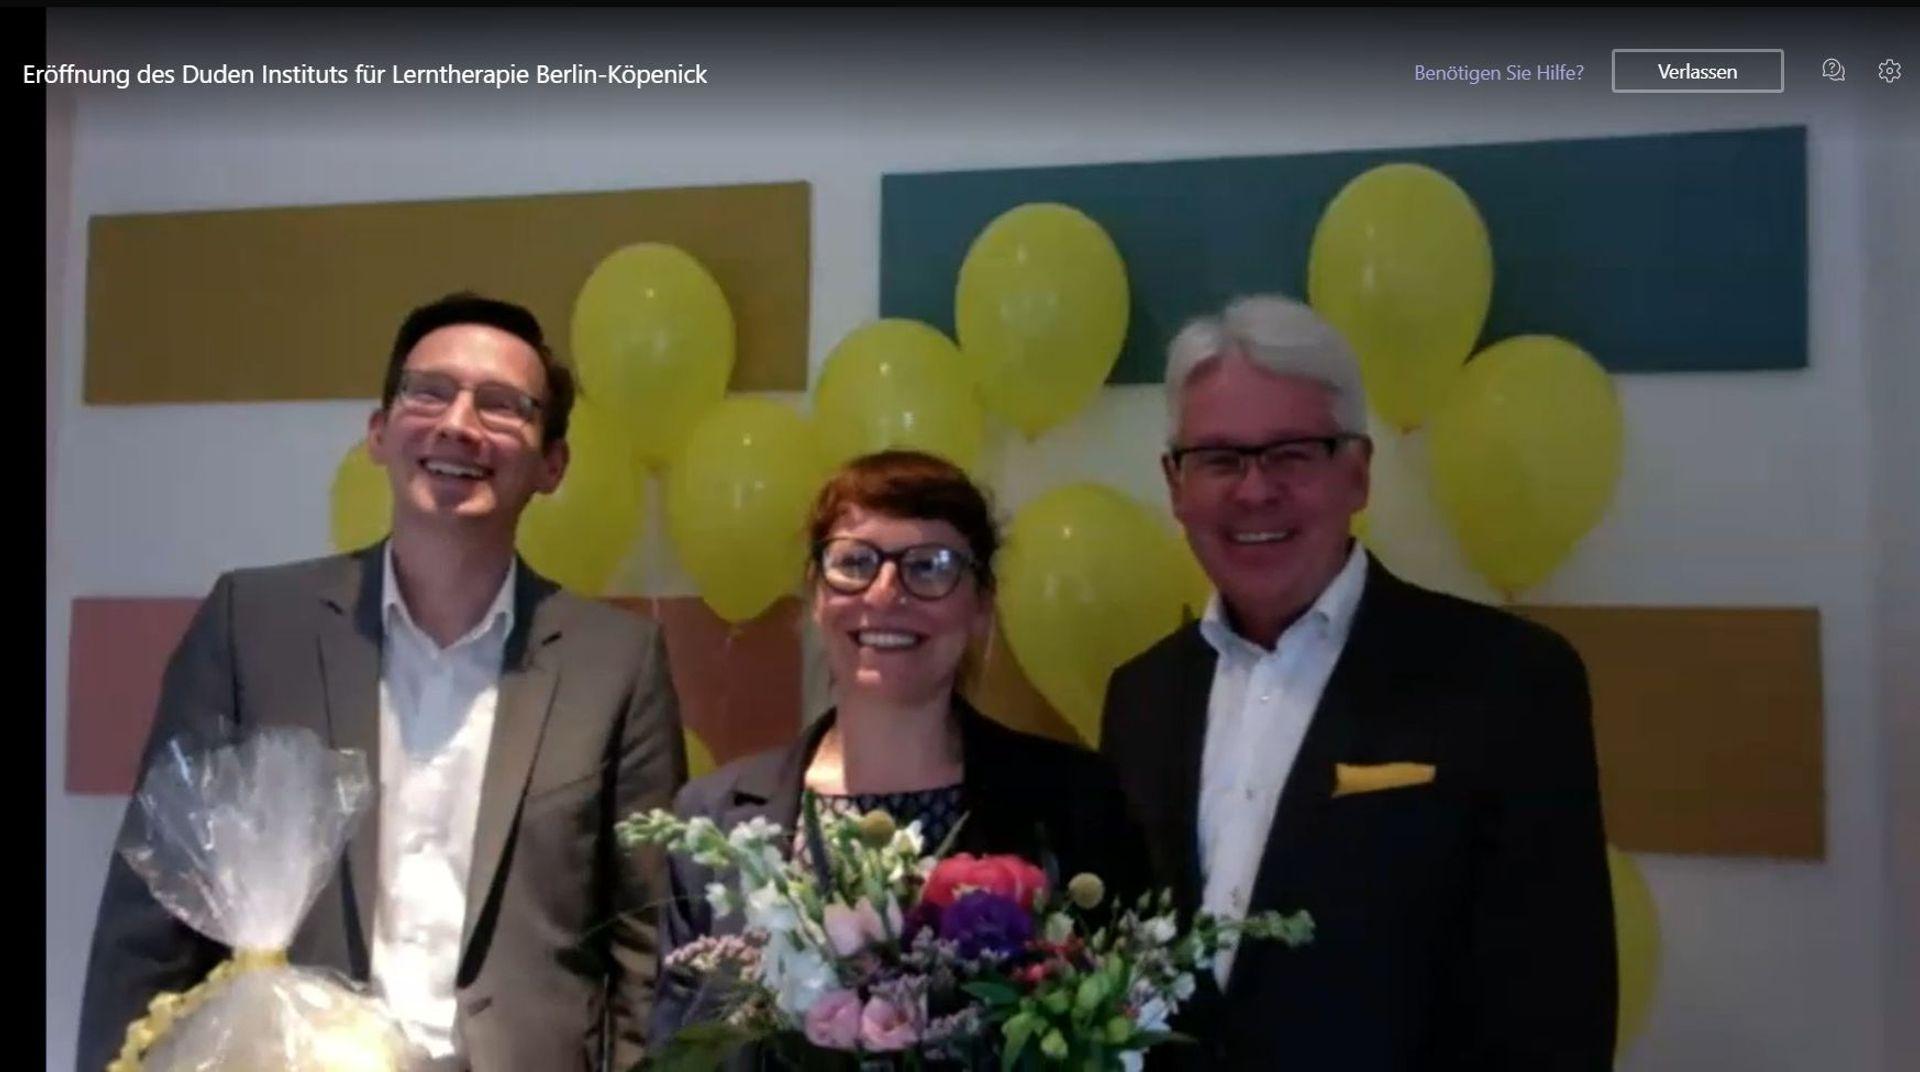 Online-Eröffnung des Duden Instituts für Lerntherapie Berlin-Köpenick